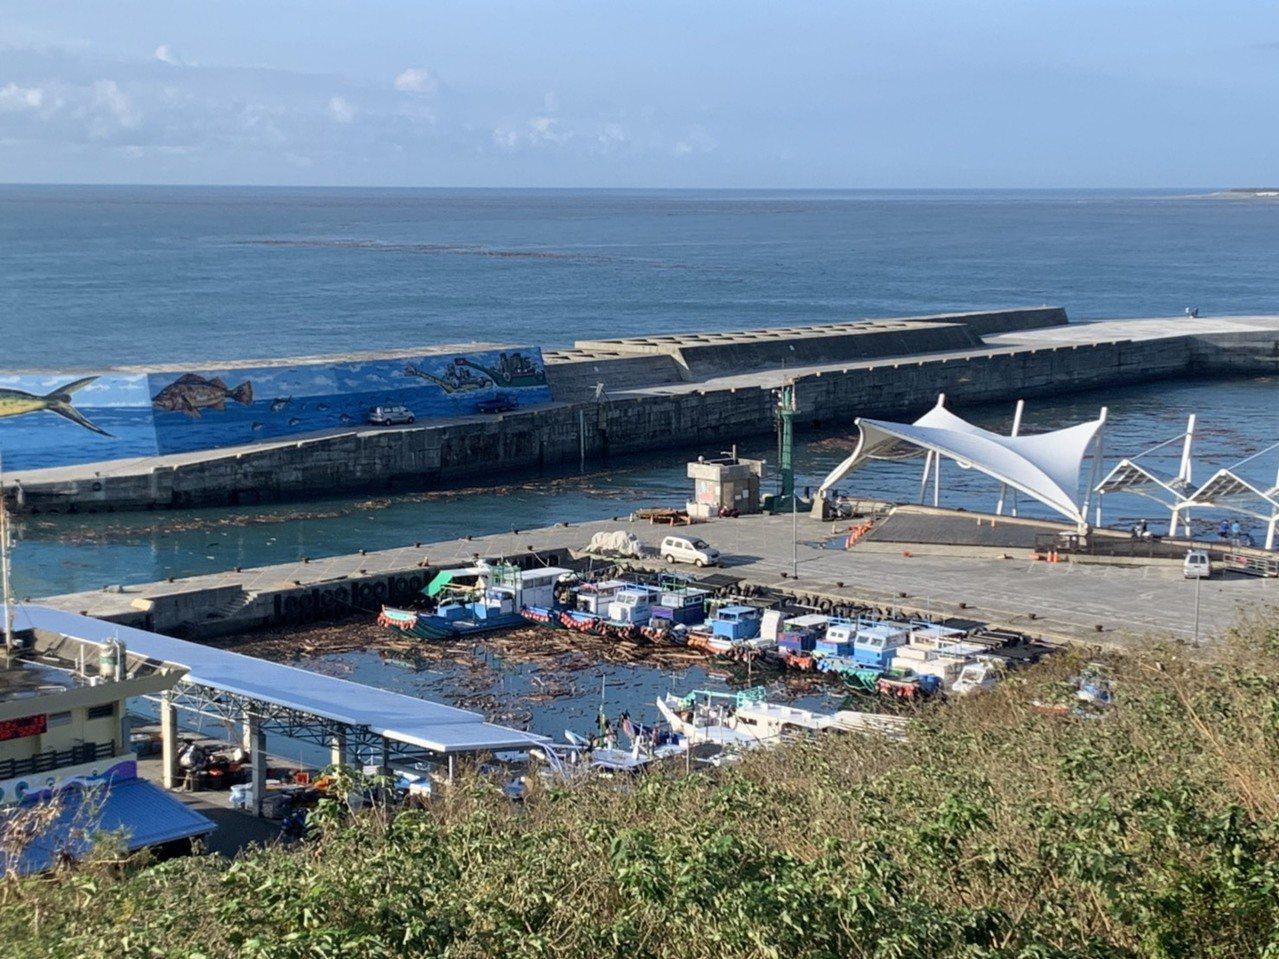 昨晚吹北風漂流木全被帶出場 富岡離島客輪下午恢航